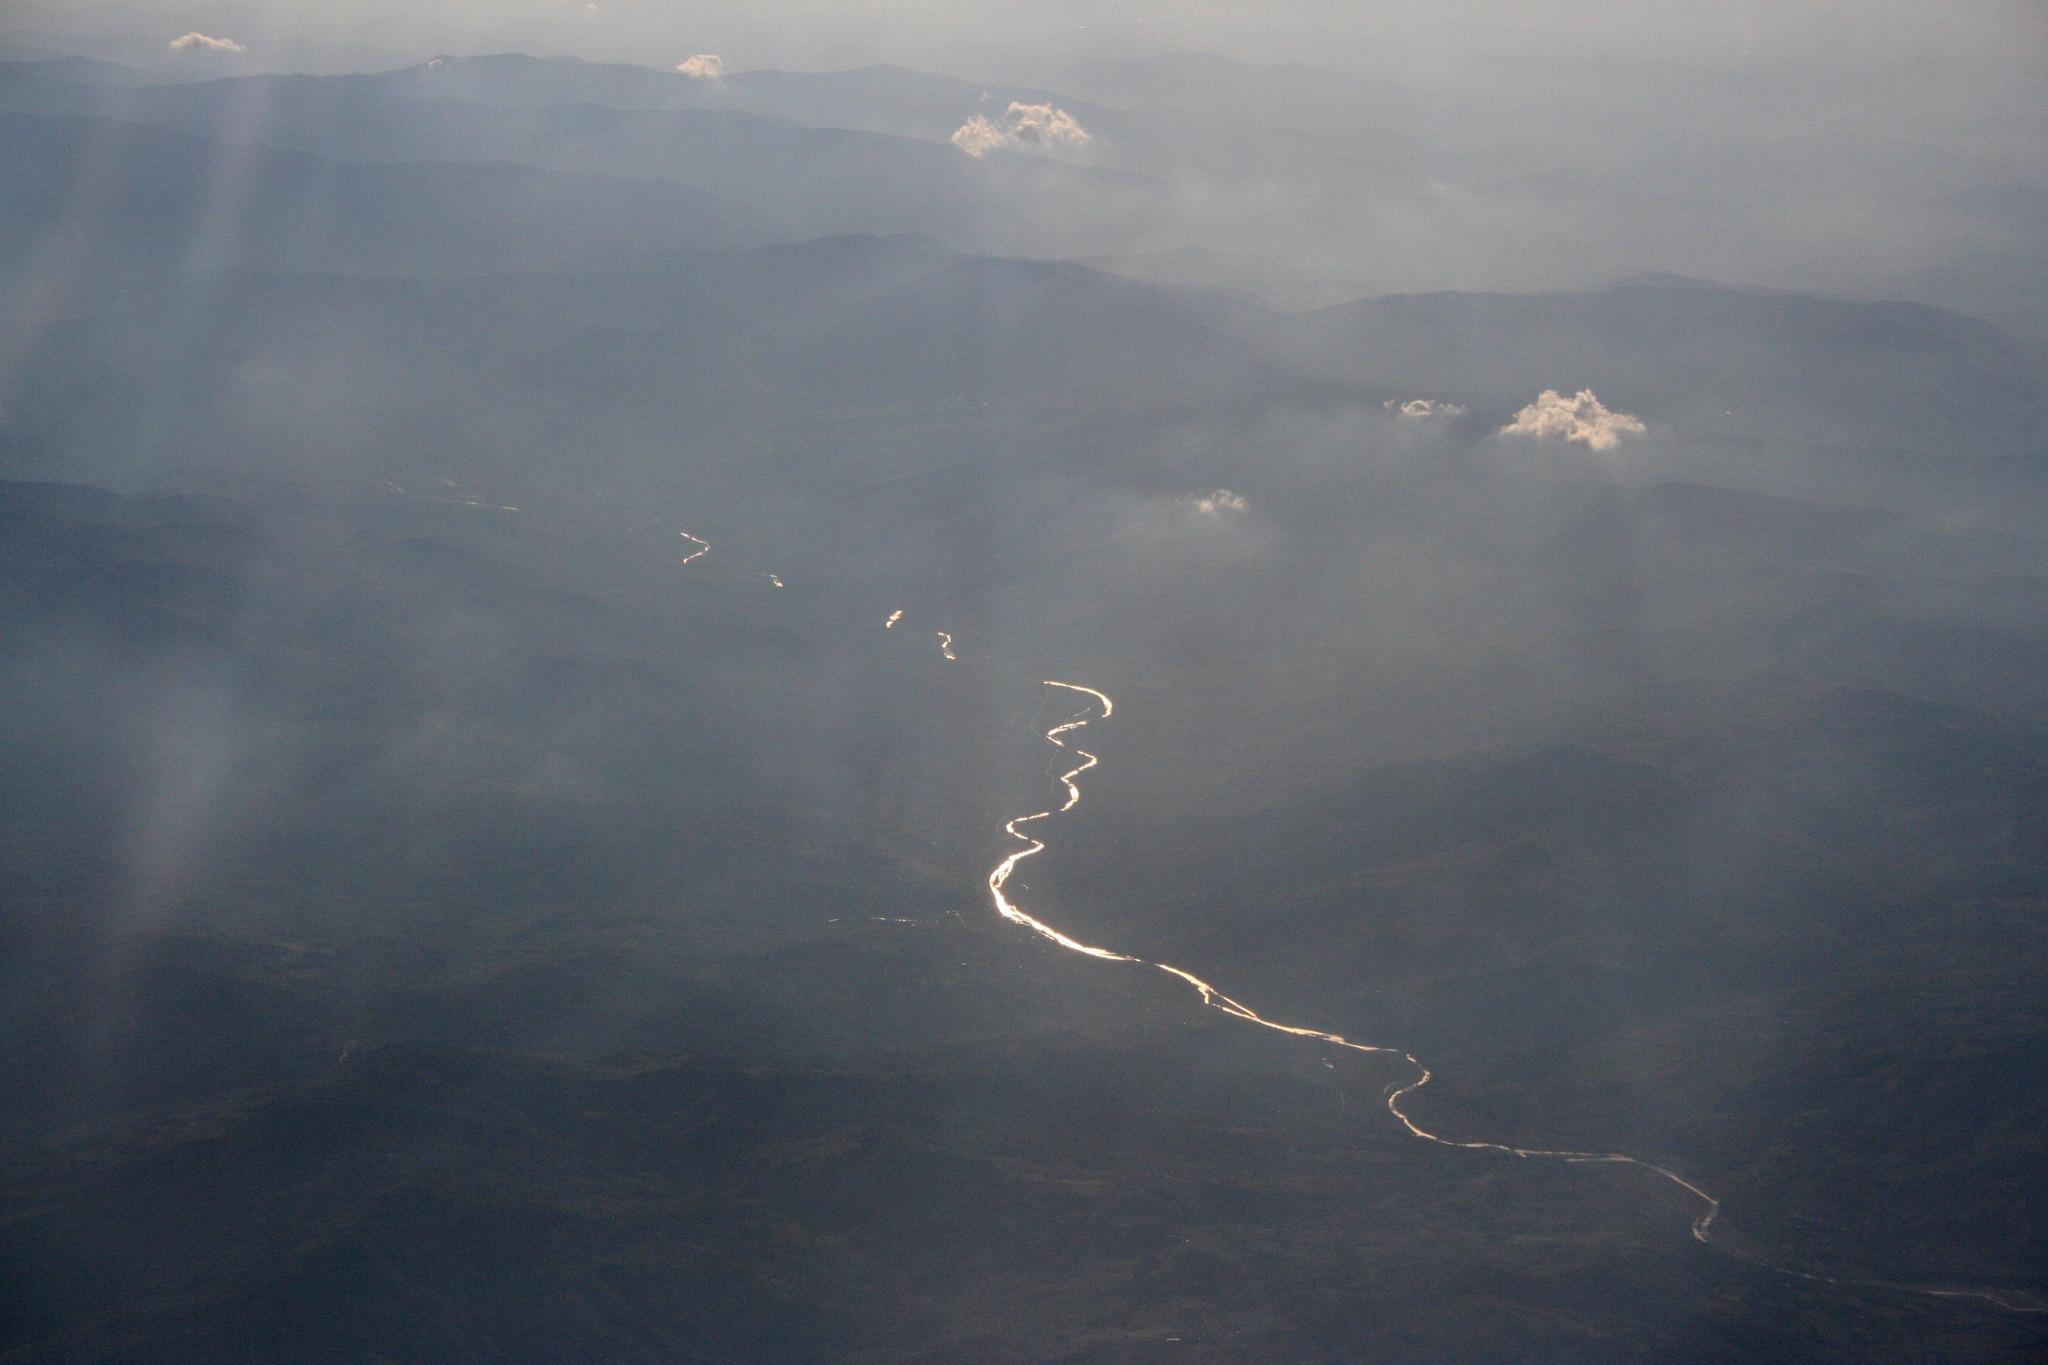 Far above: PO river by Massimo Capri